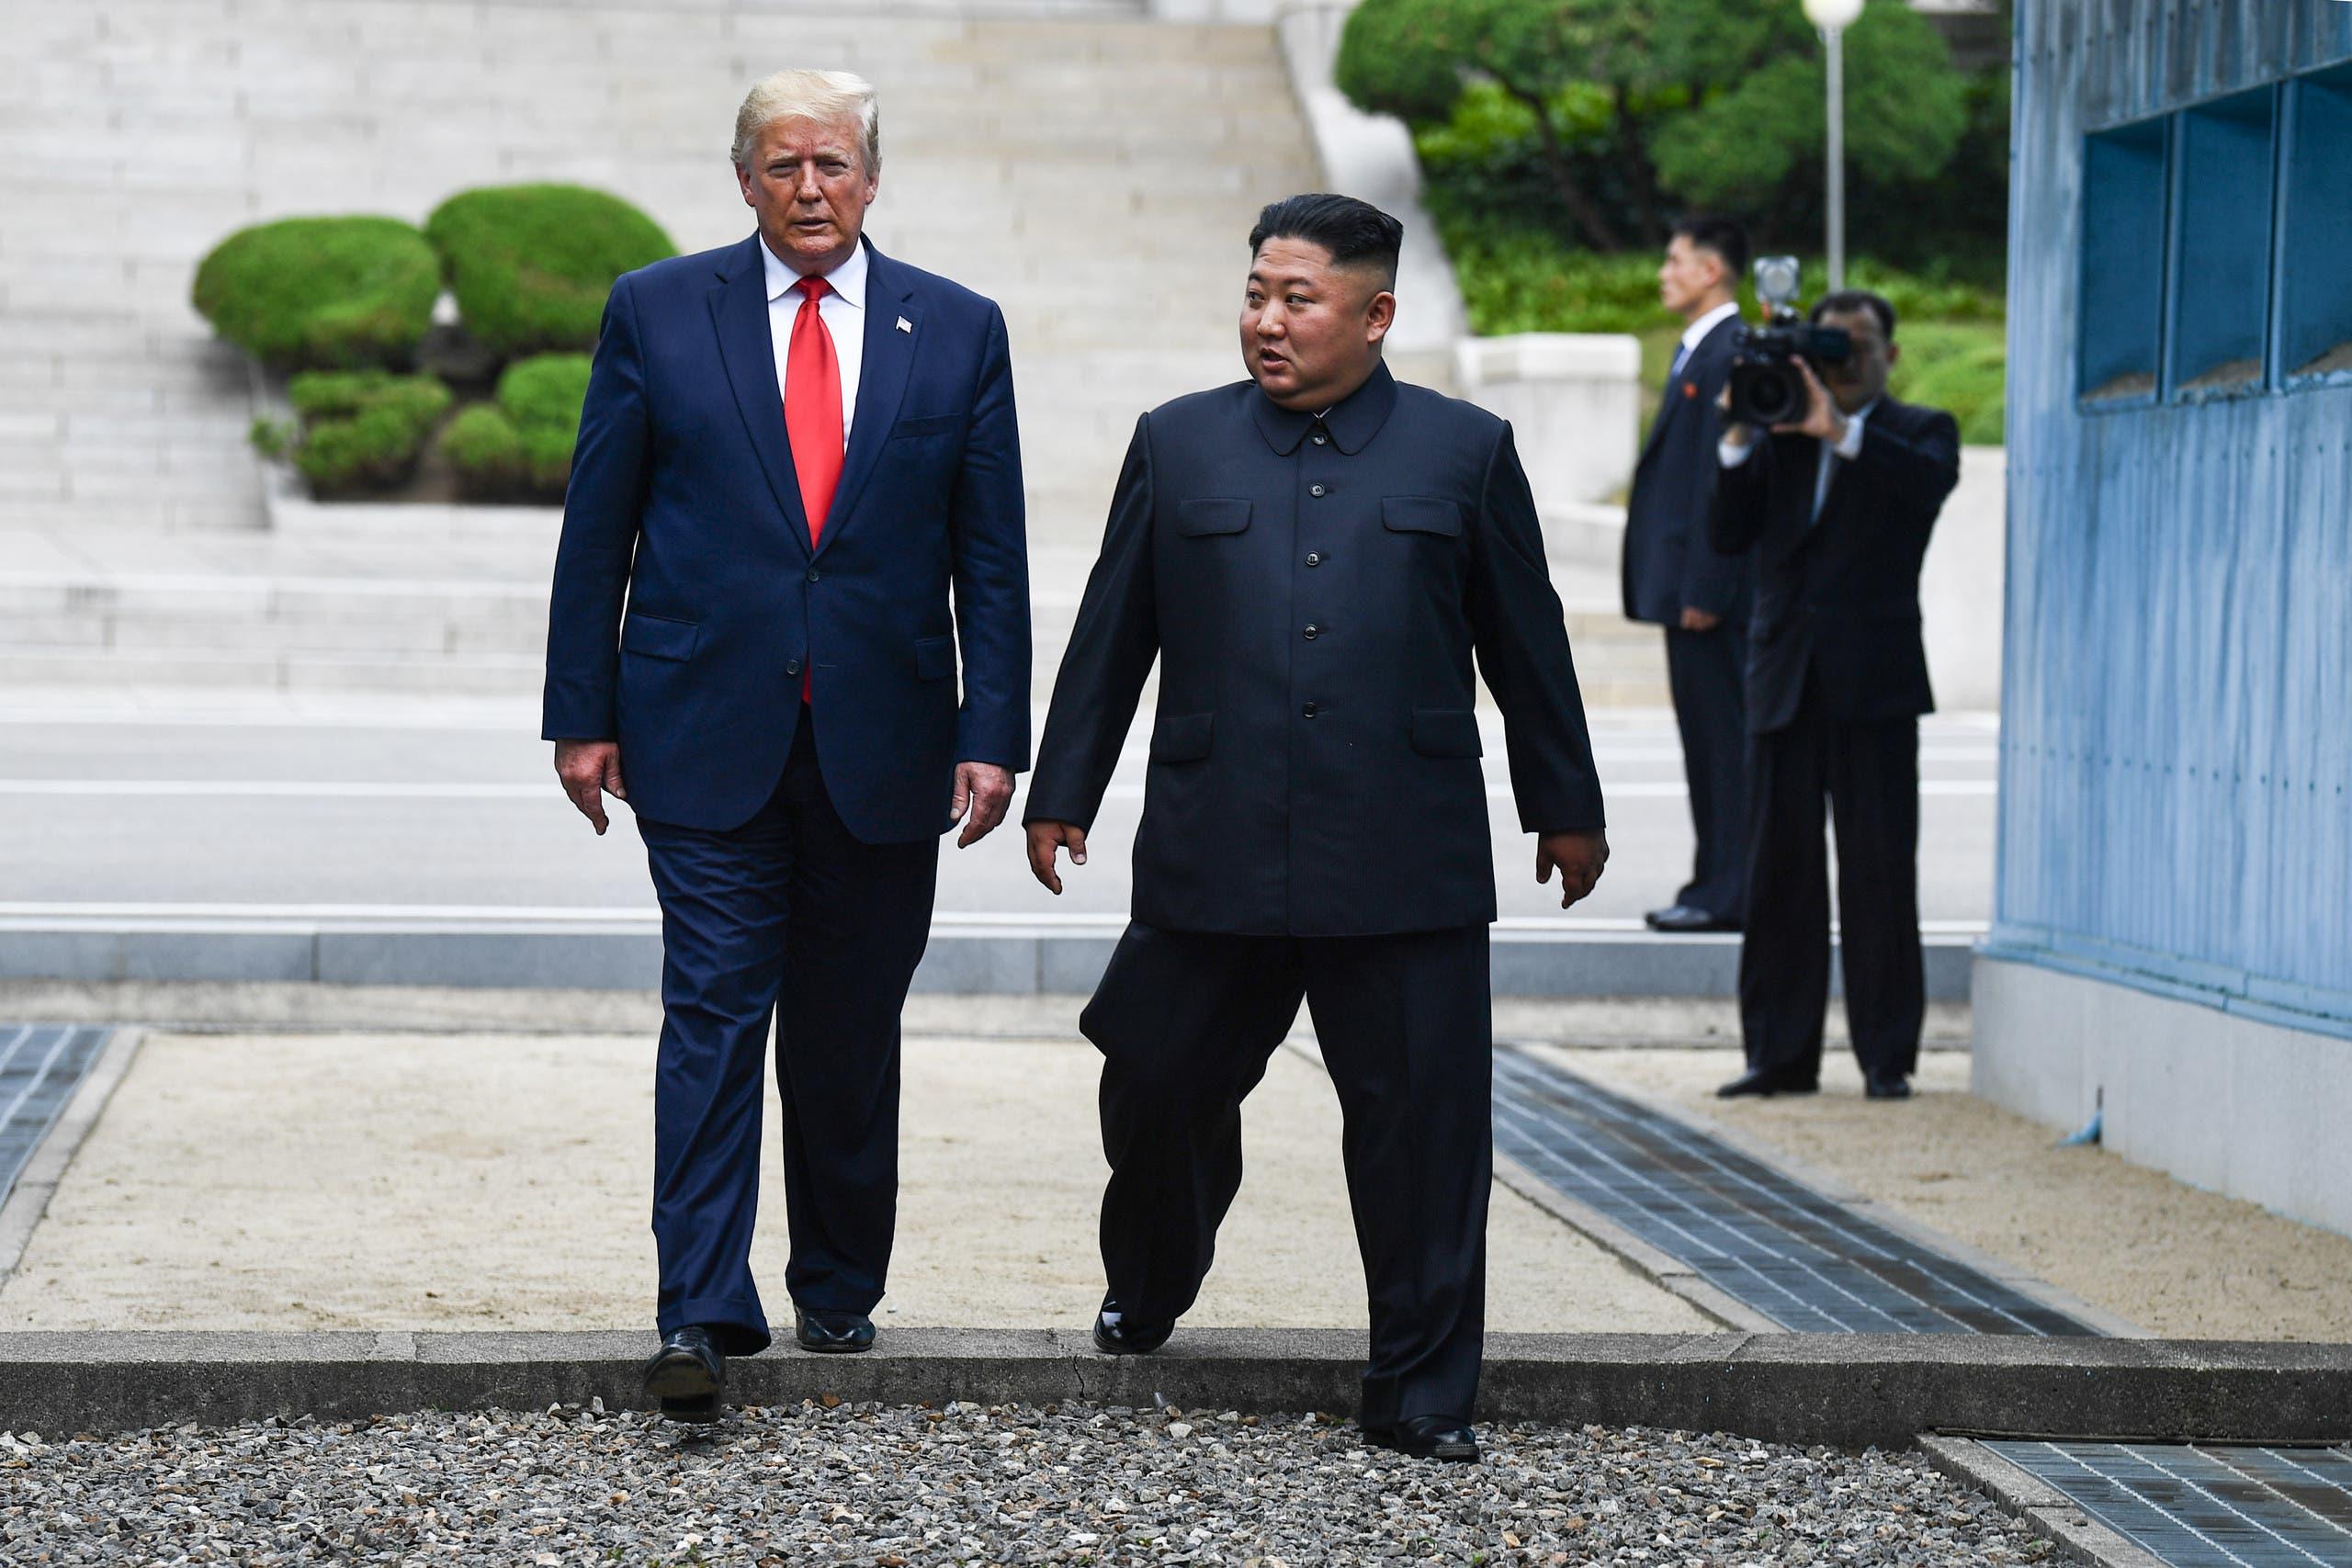 ترمب يلتقي كيم (يونيو 2019 - فرانس برس)